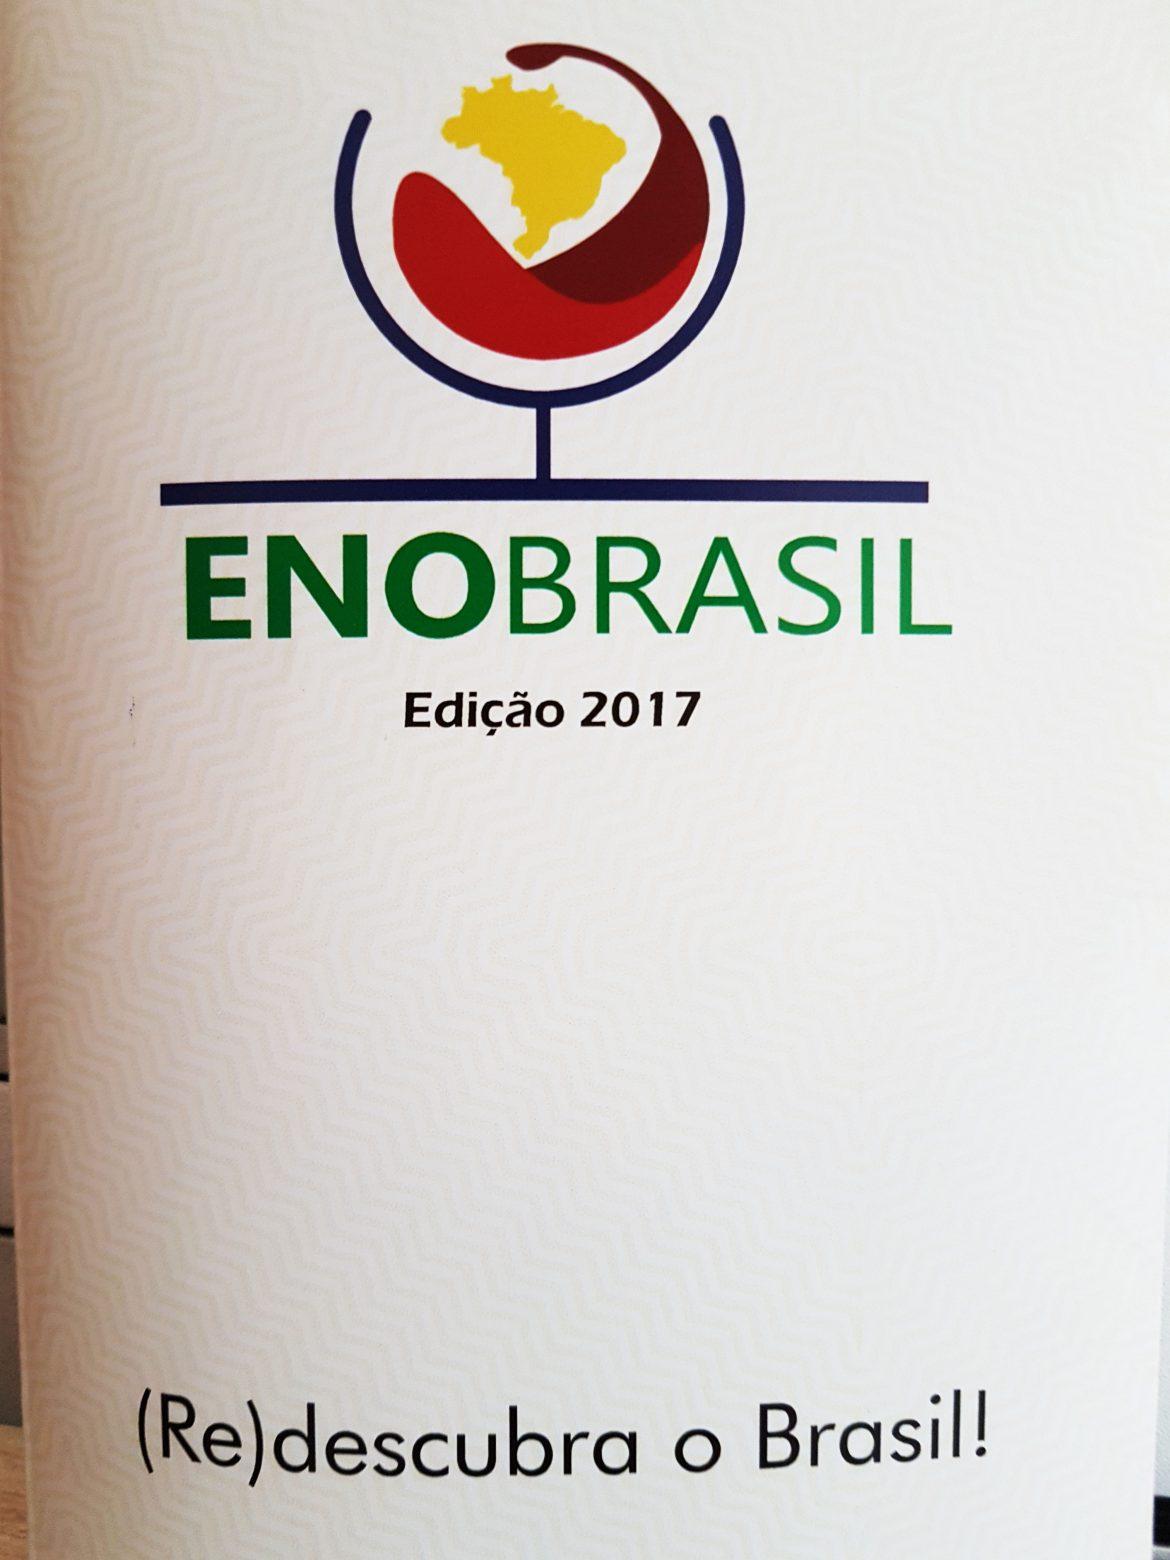 EnoBrasil 2017